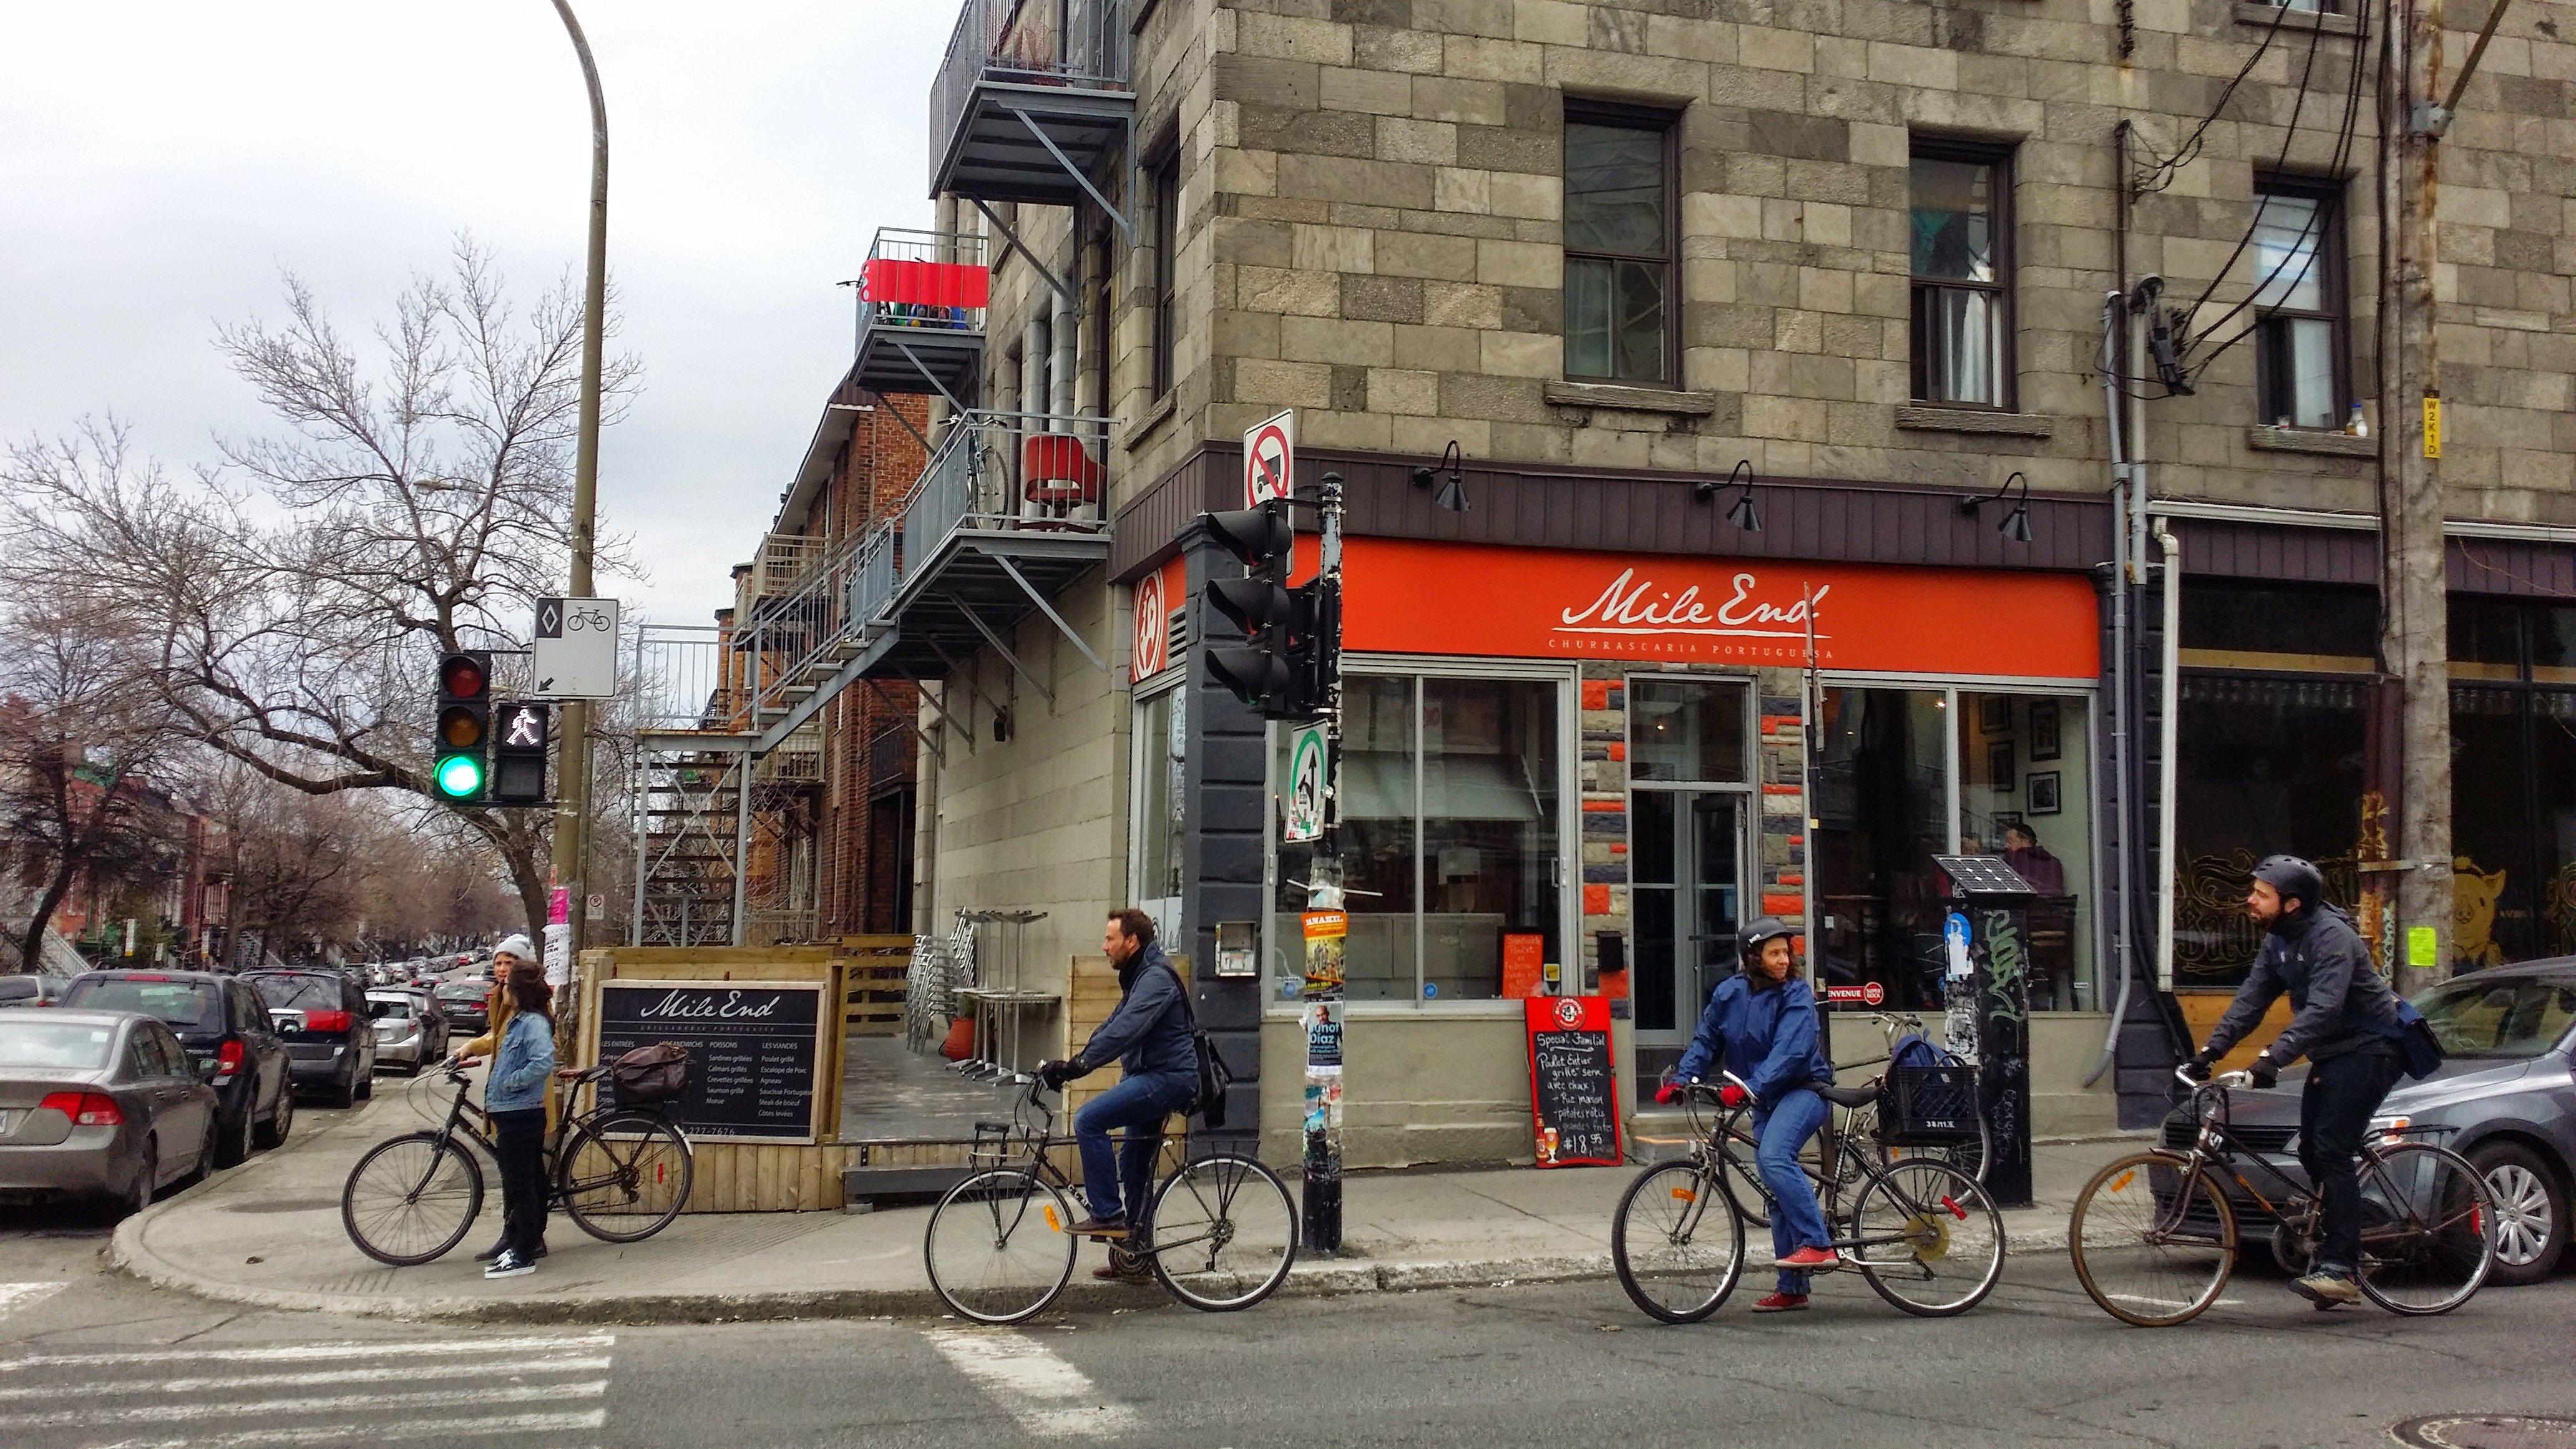 Mile End Café